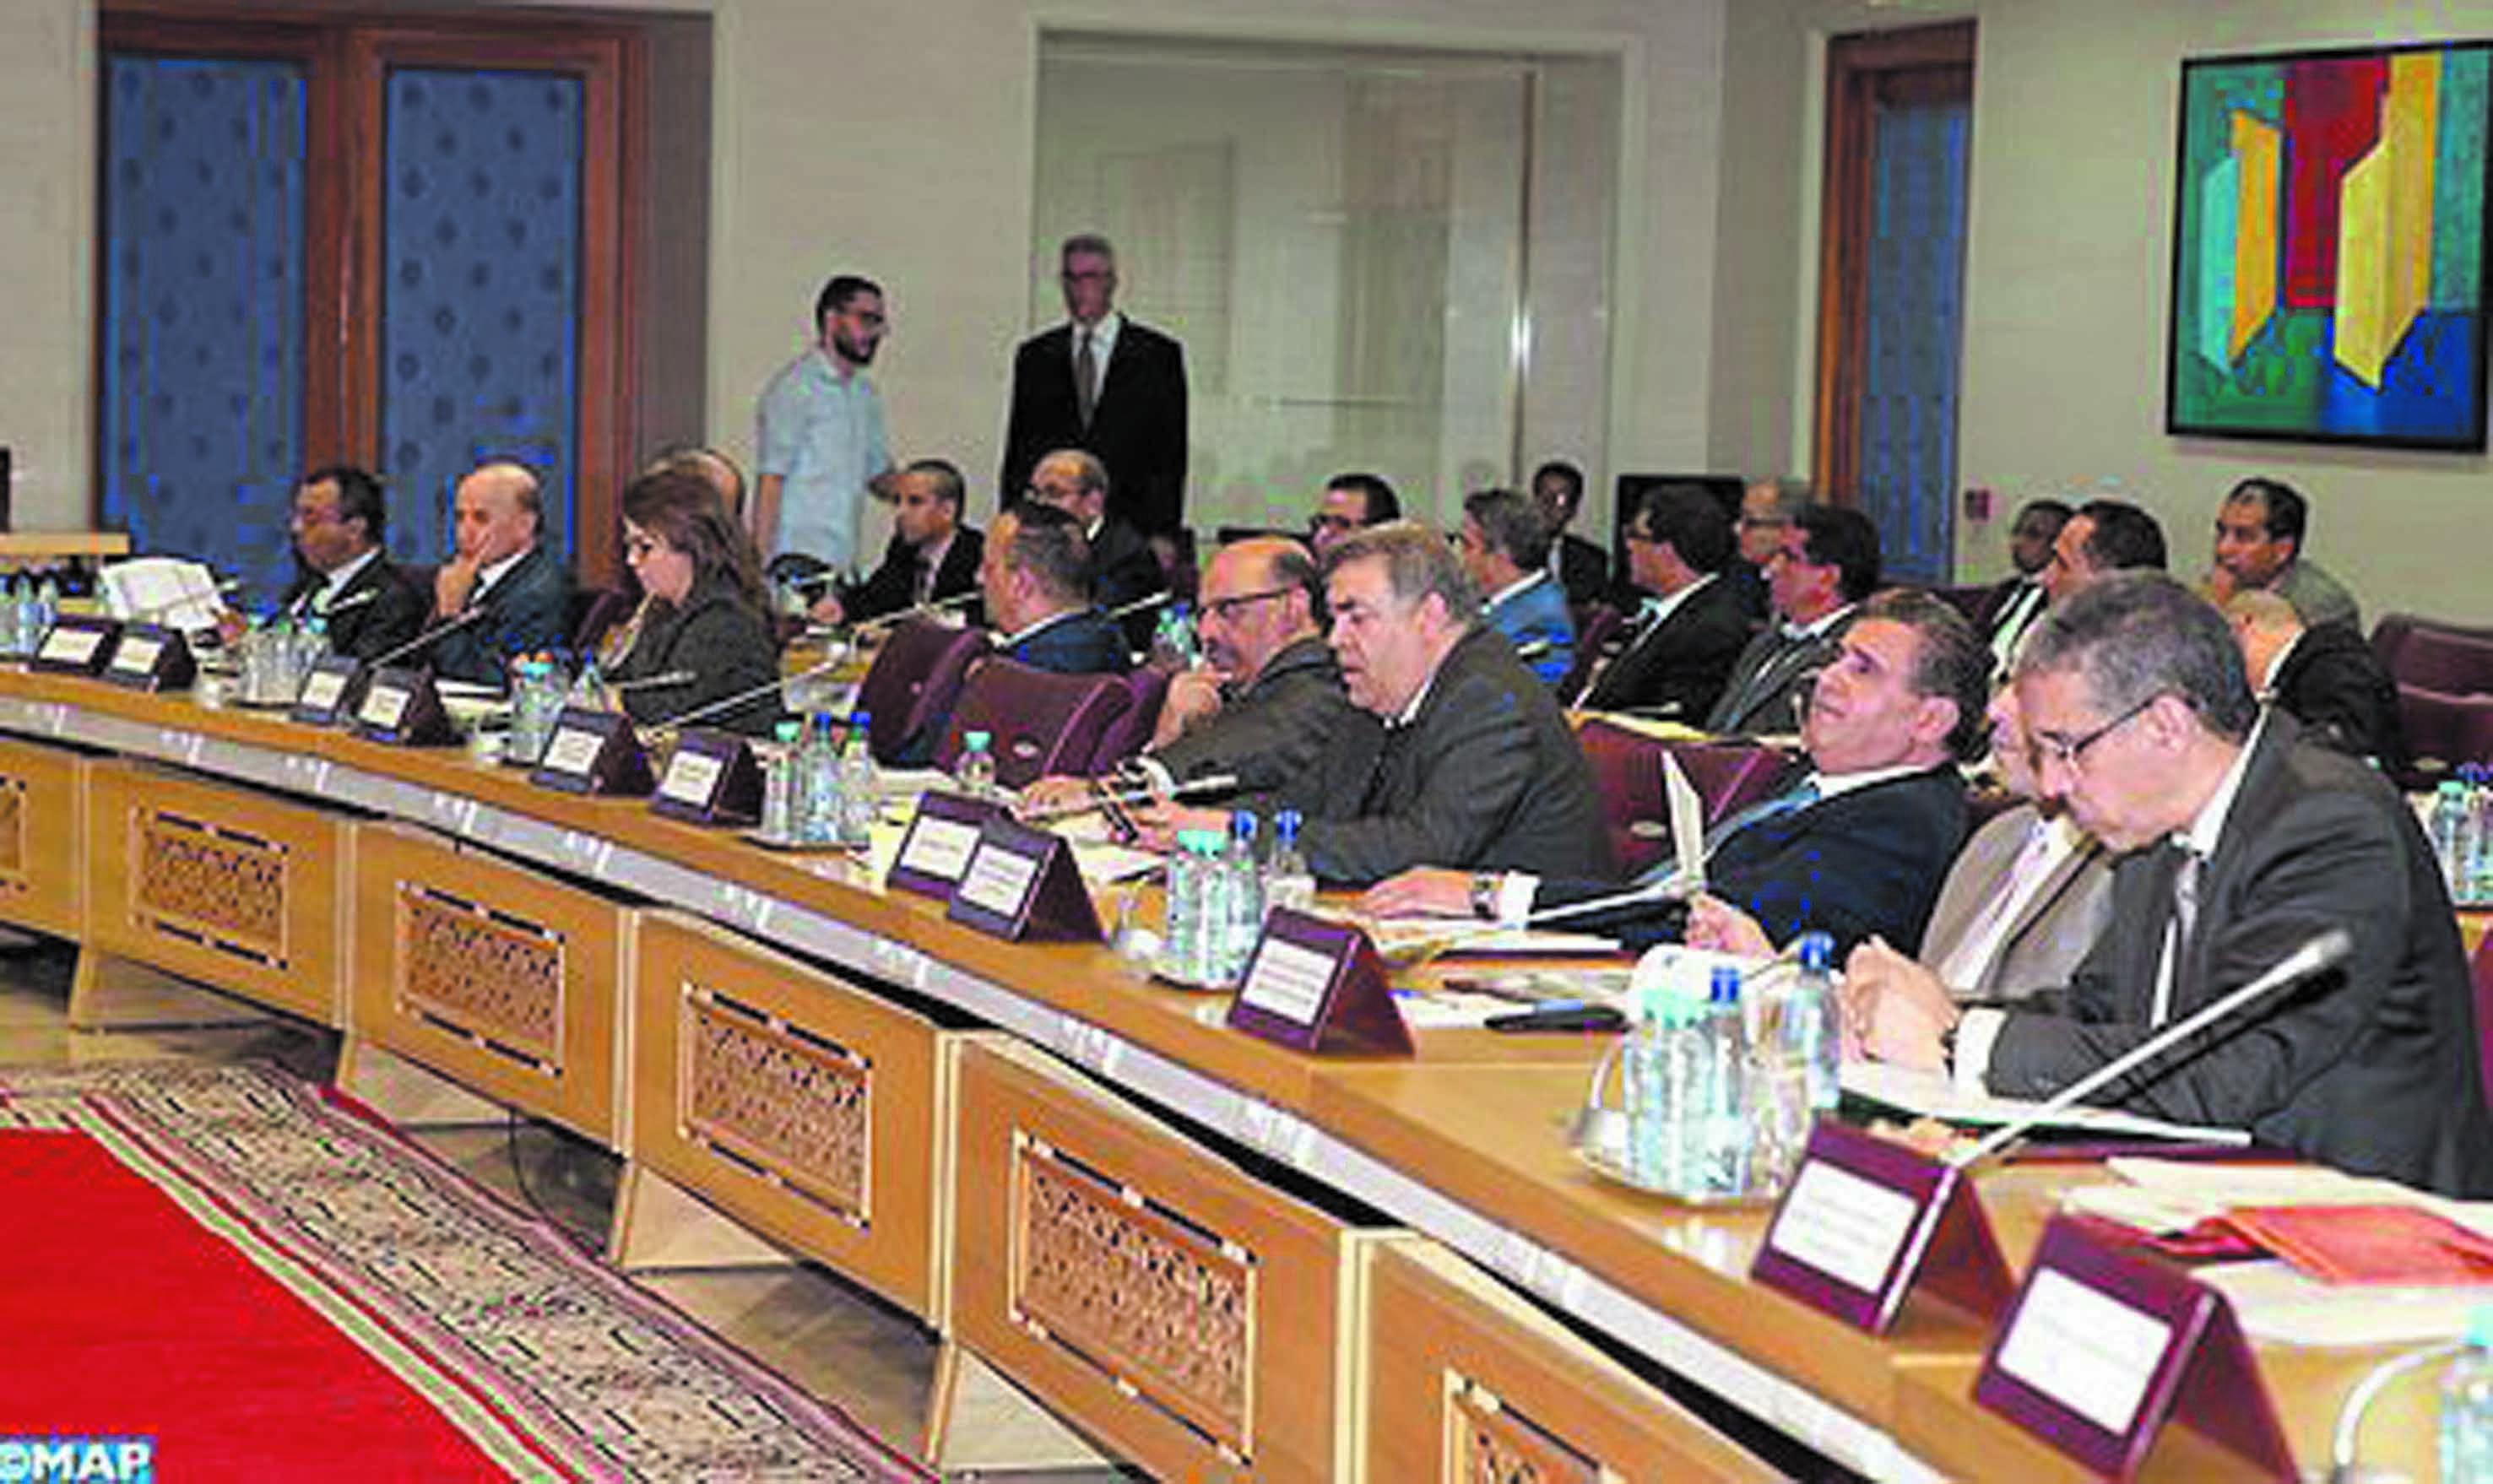 Les projets de développement de nos provinces sahariennes vont bon train